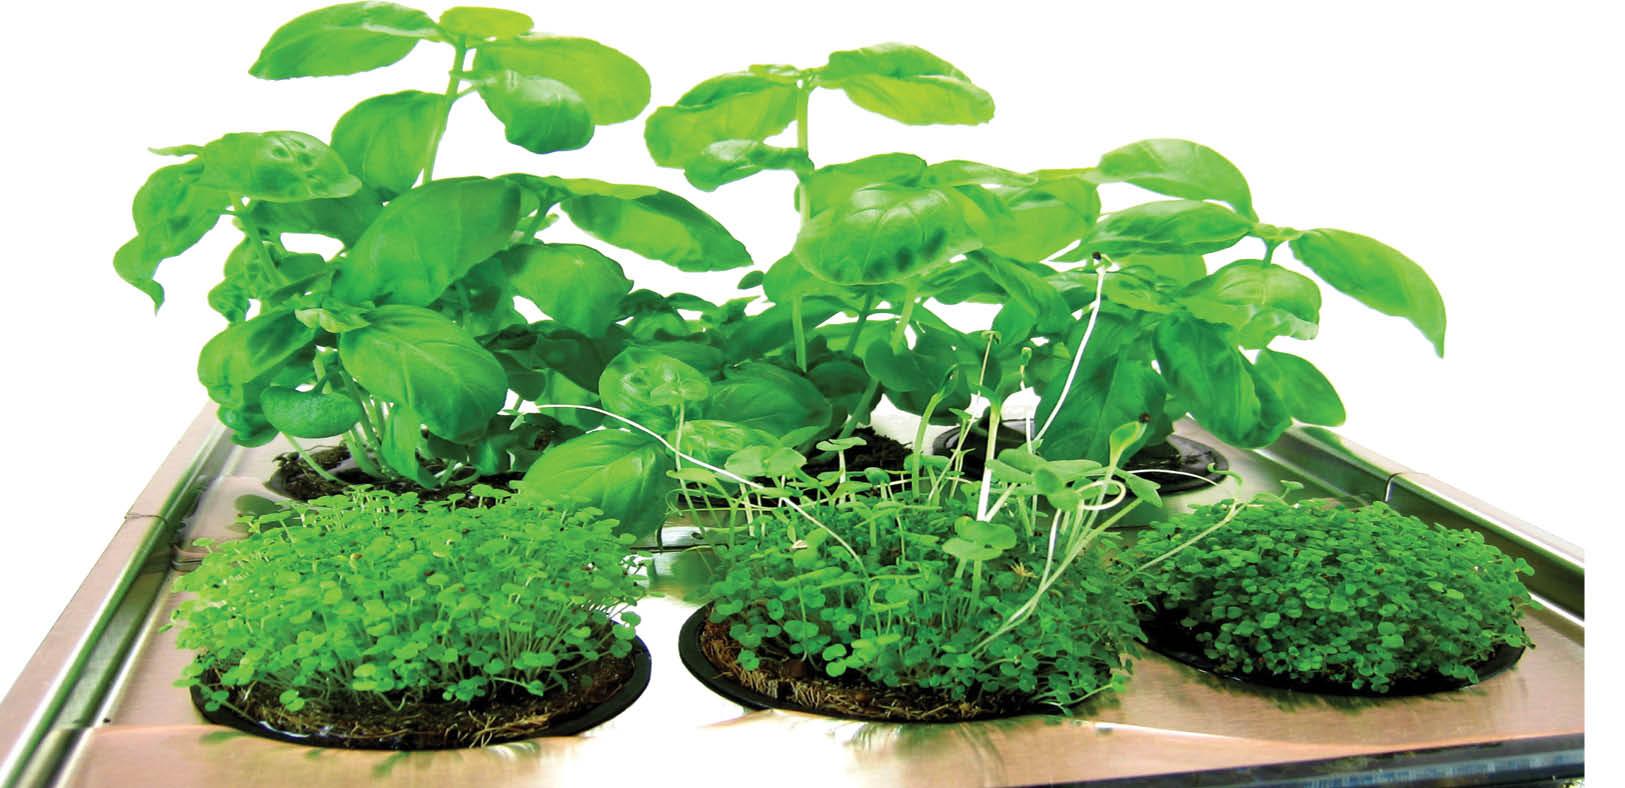 یک پیشنهاد نوروزی؛ به جای سبزه هفت سین عید سبزی بکارید + آموزش کاشت سبزی